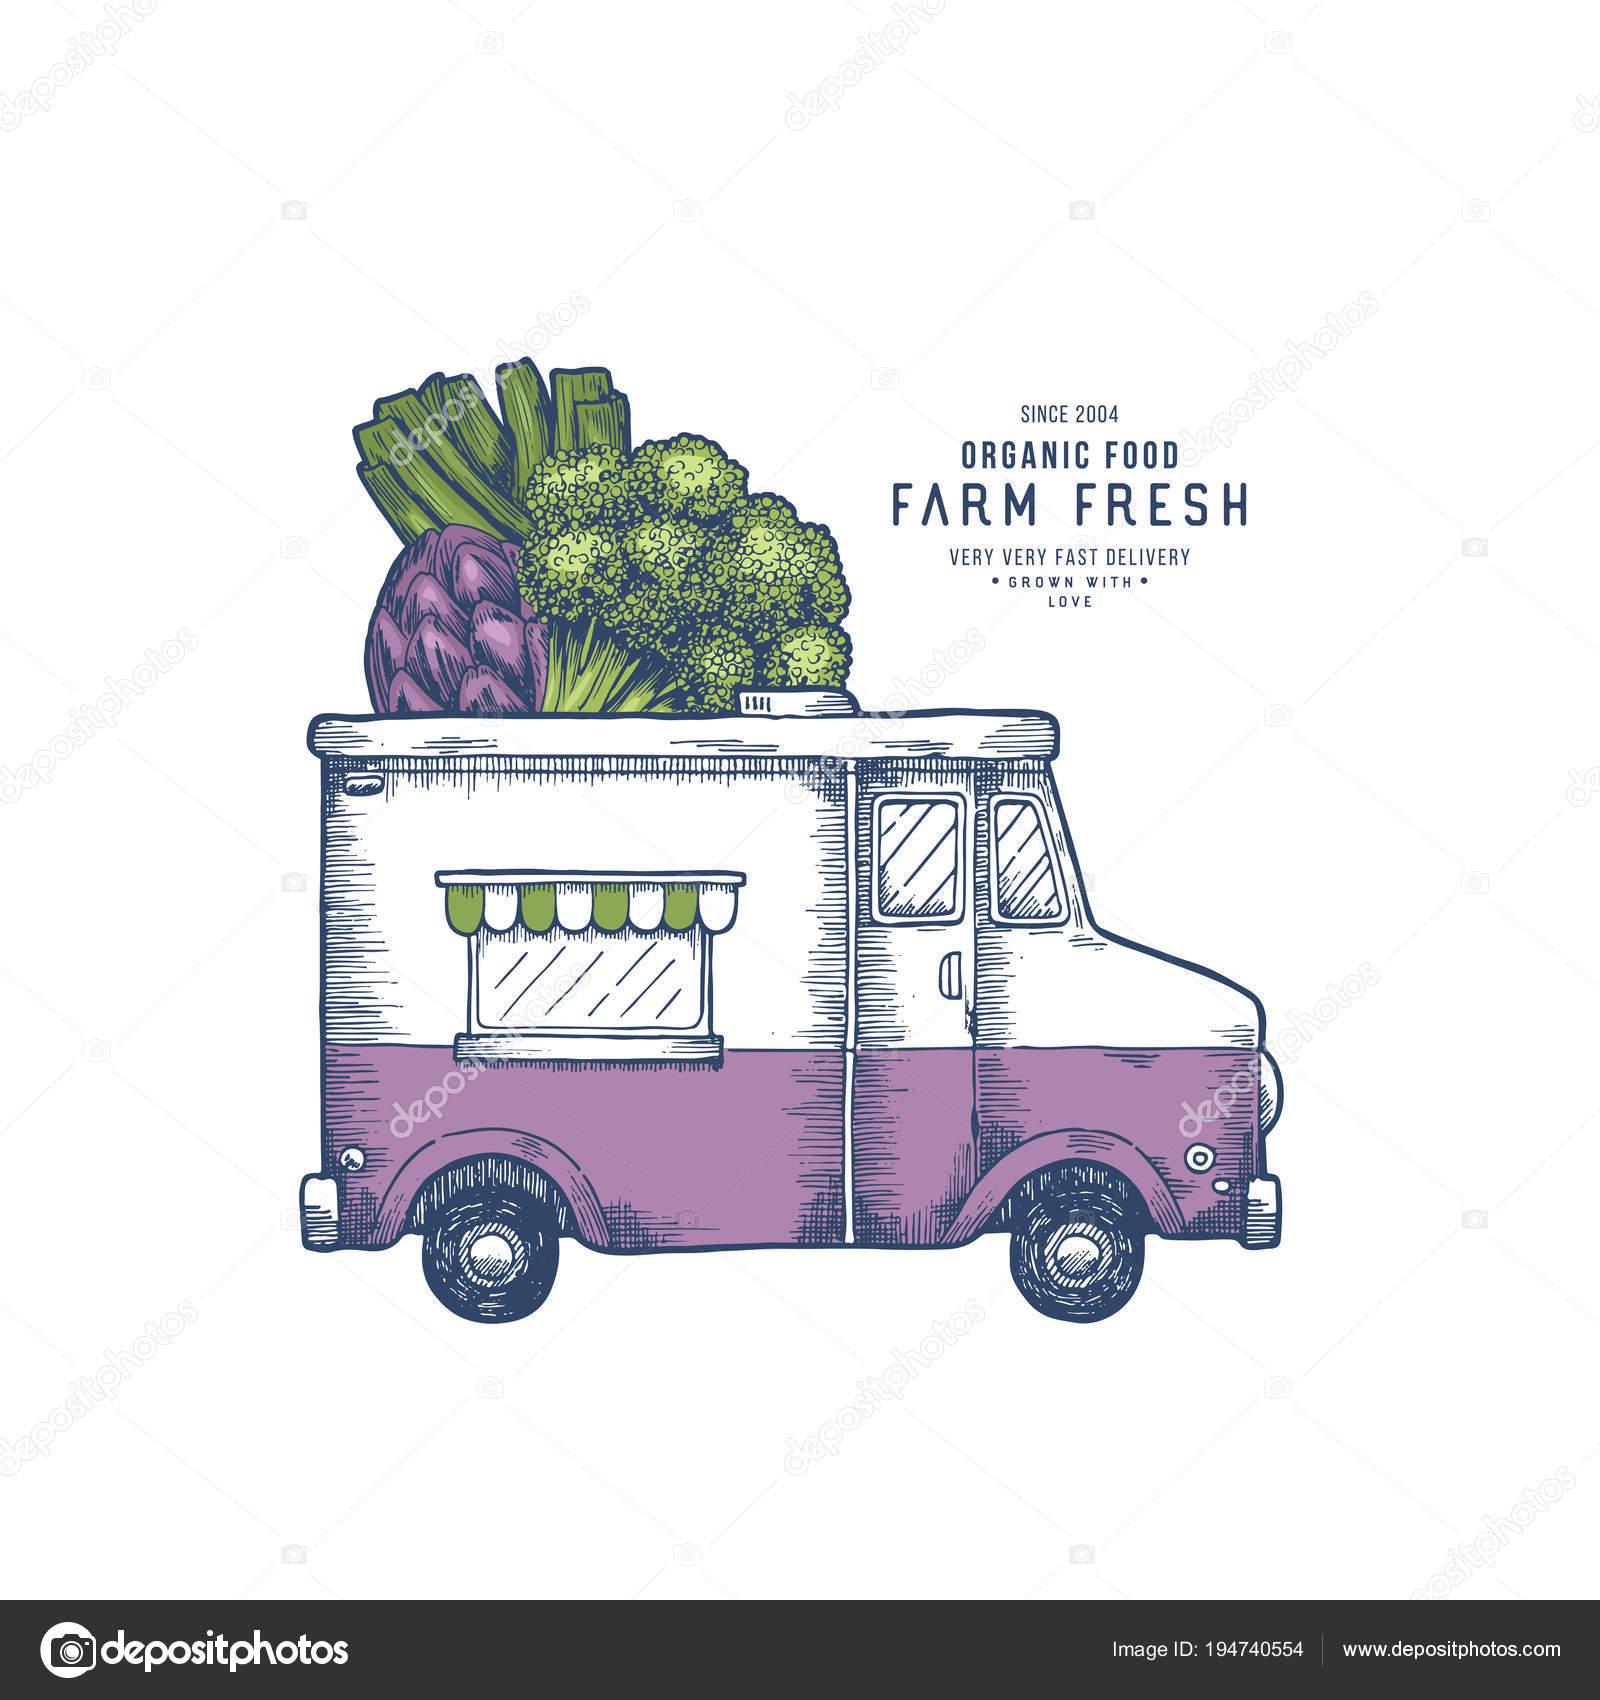 Farm Fresh Delivery Design Template Classic Food Truck With Organic - Food truck design template